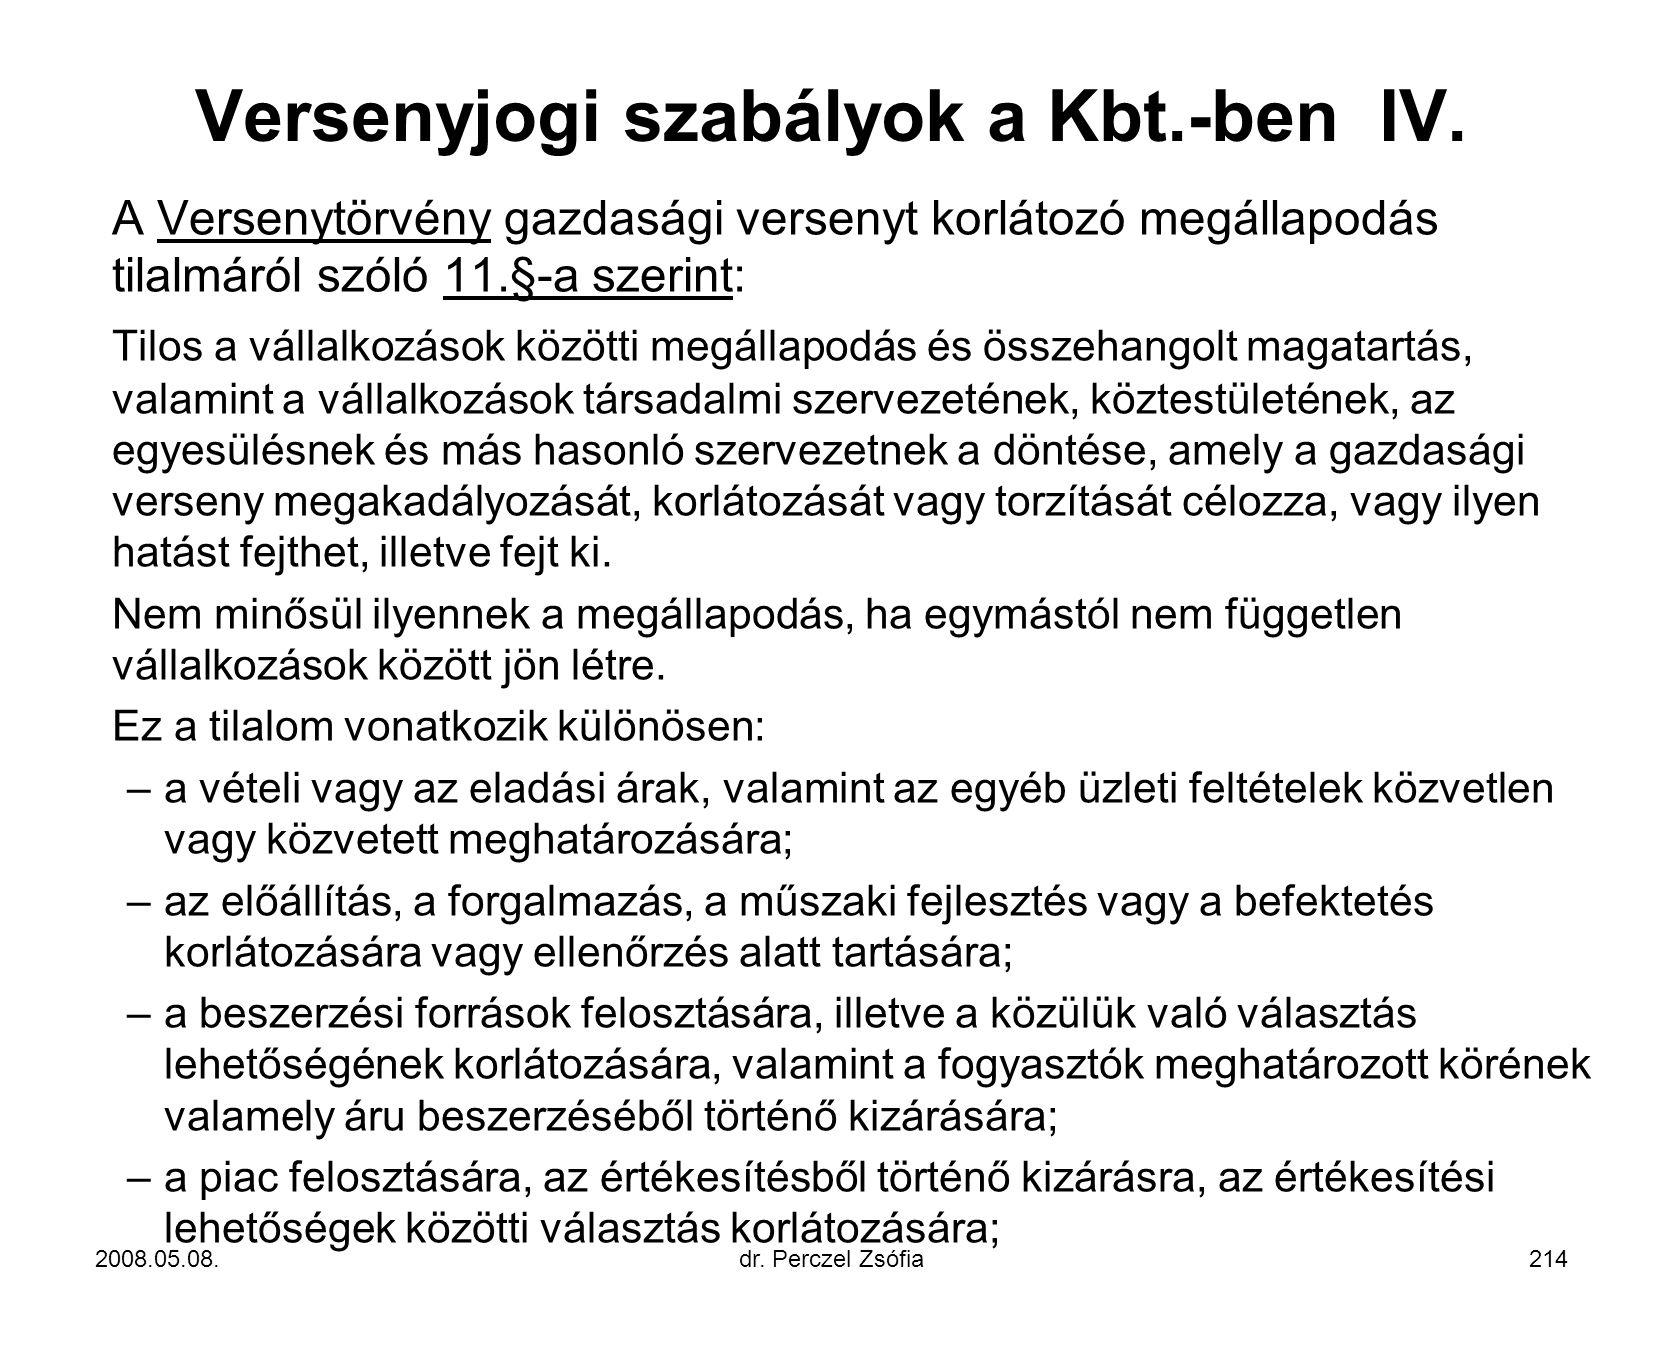 Versenyjogi szabályok a Kbt.-ben IV.